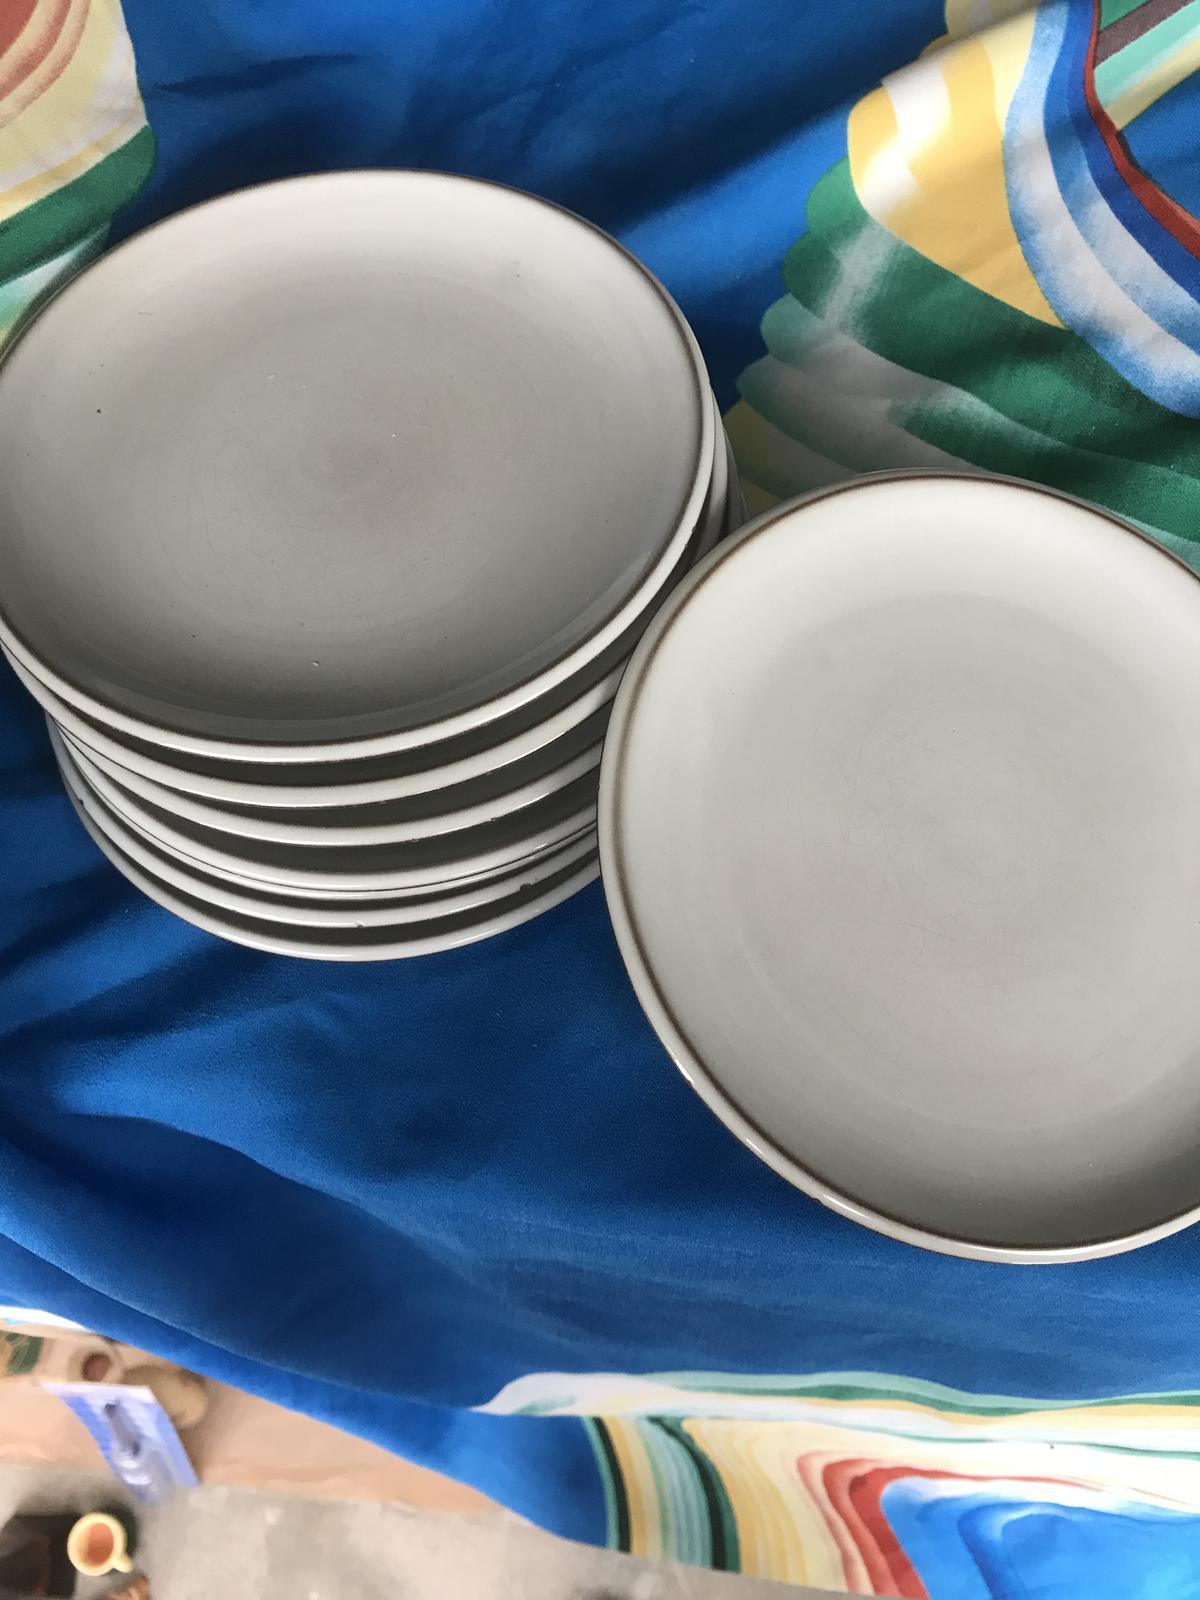 Dezertné taniere - Obrázok č. 1